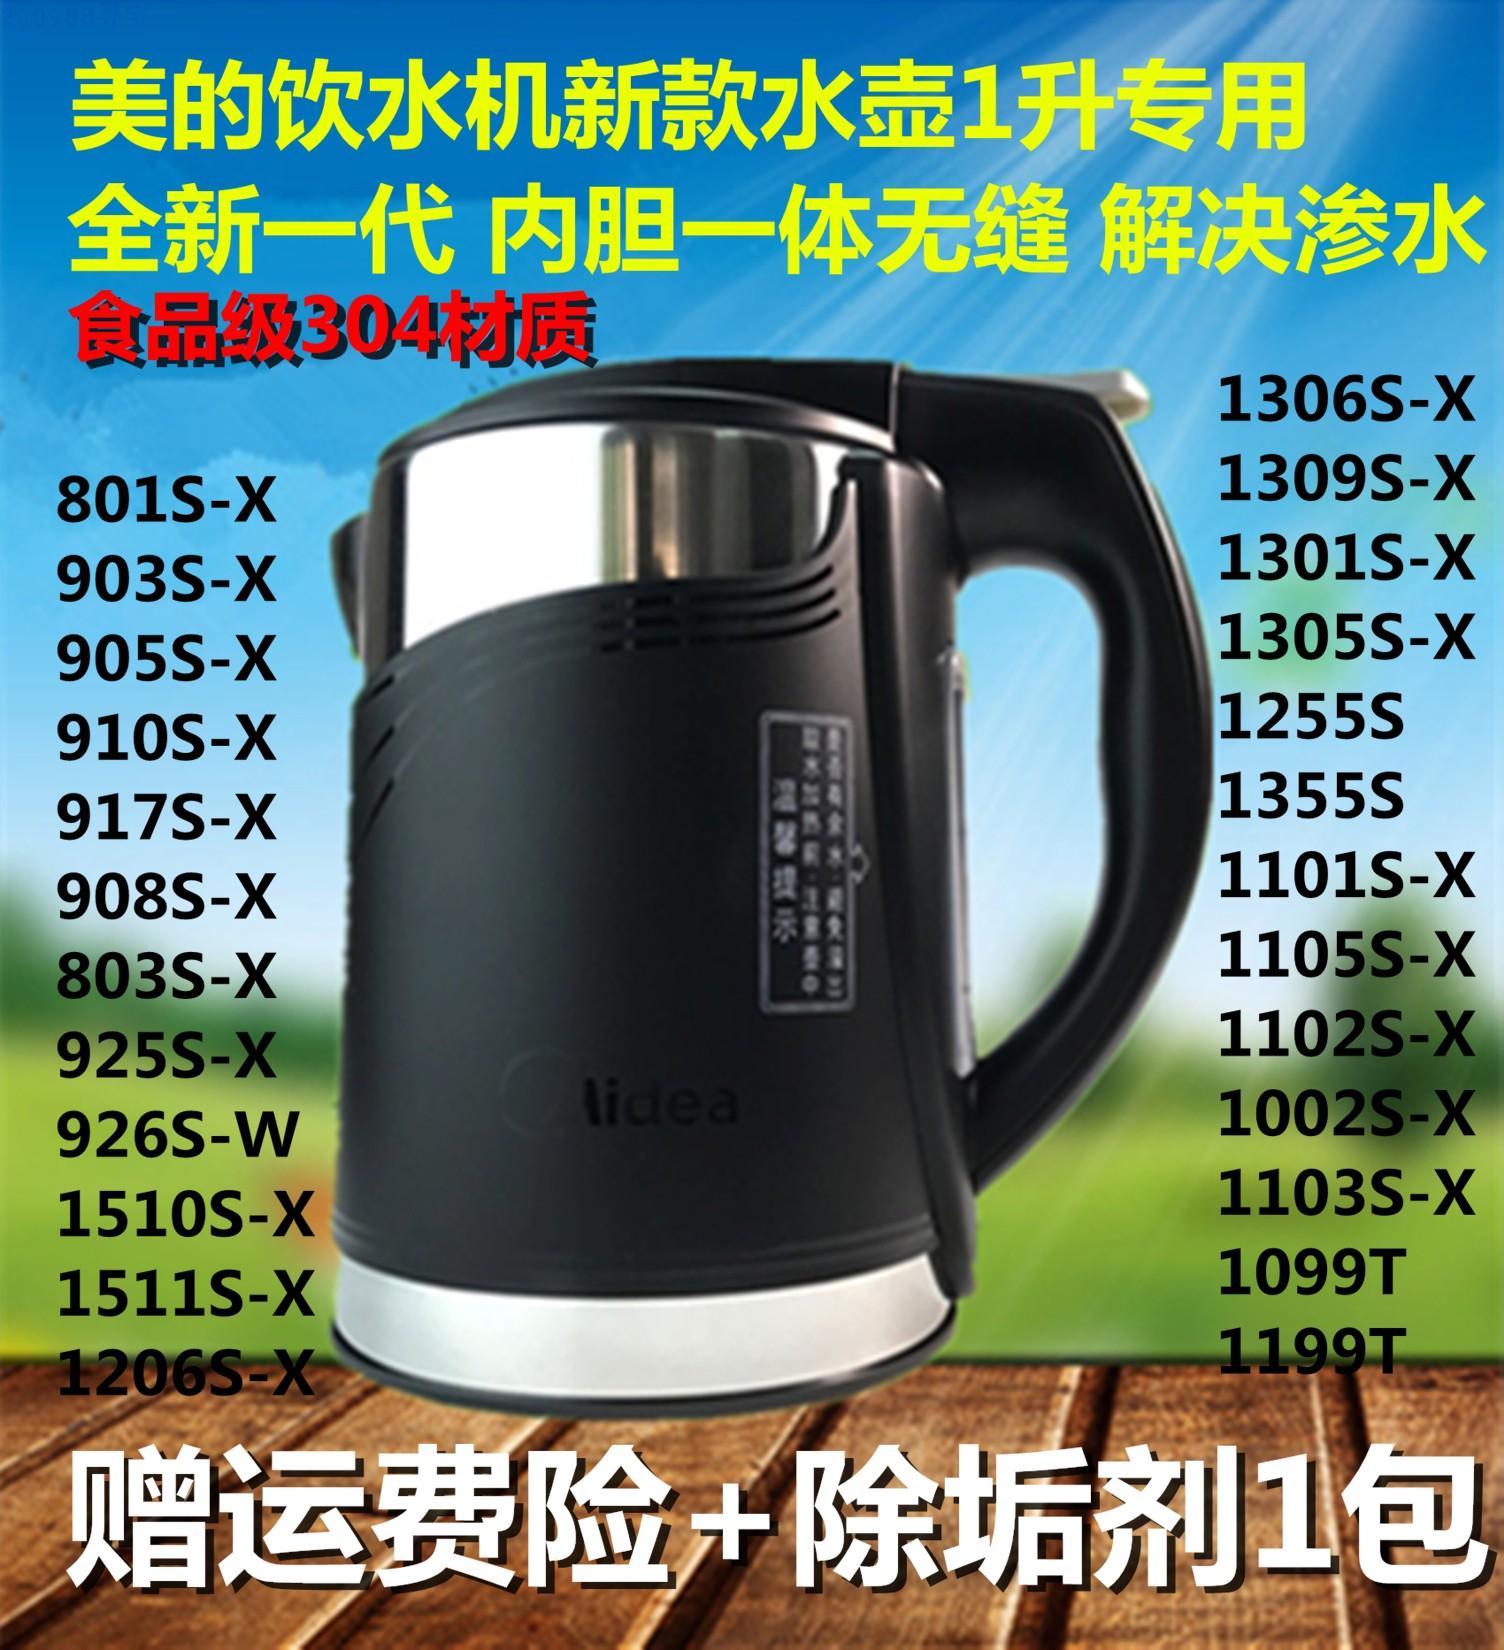 美的飲水機水壺1L沸騰膽MYL905S-X/YR1306S-X/YR1206S-x加熱壺